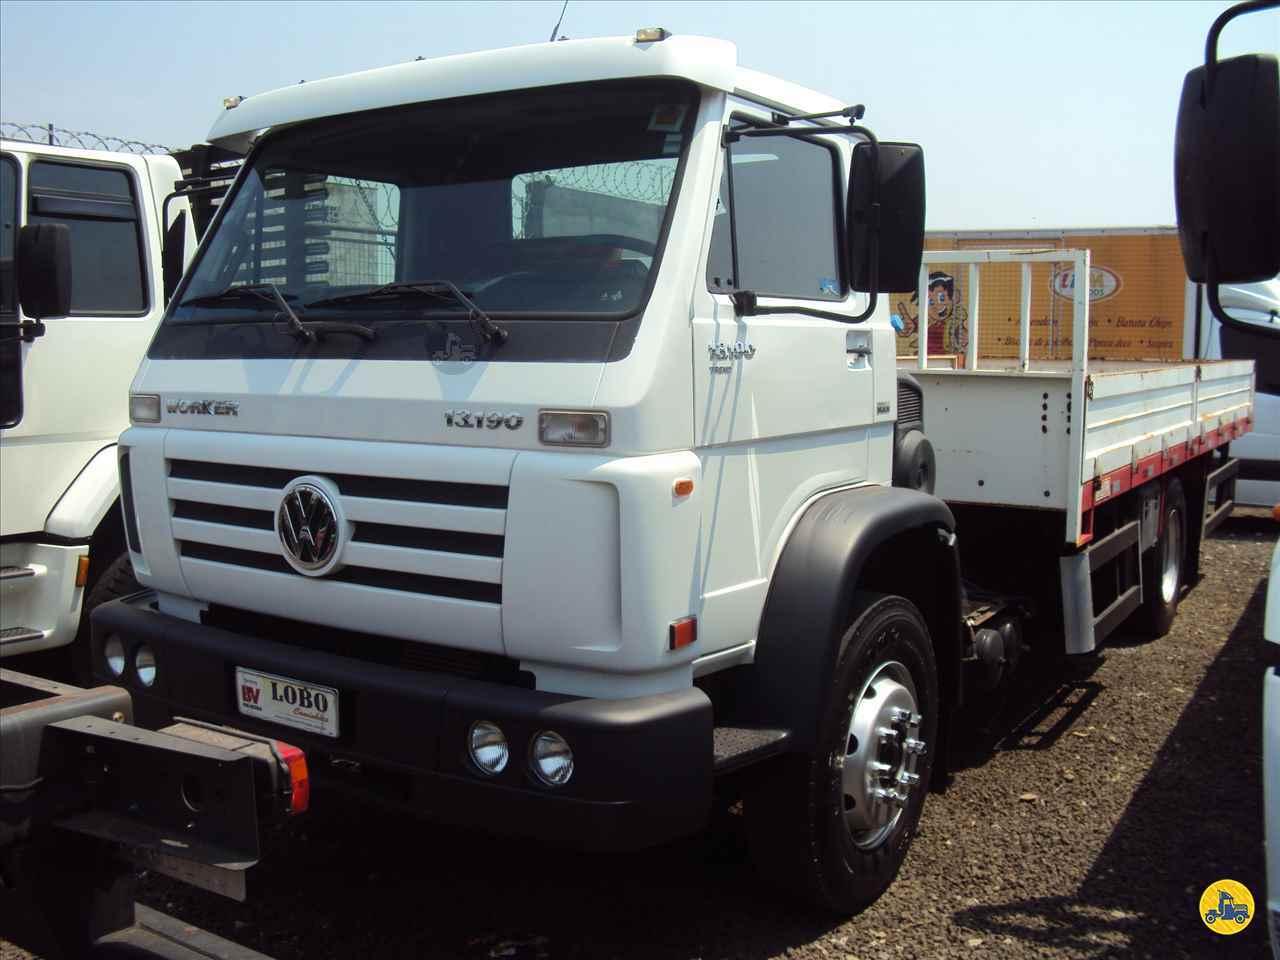 CAMINHAO VOLKSWAGEN VW 13190 Carga Seca Toco 4x2 Lobo Caminhões AMERICANA SÃO PAULO SP